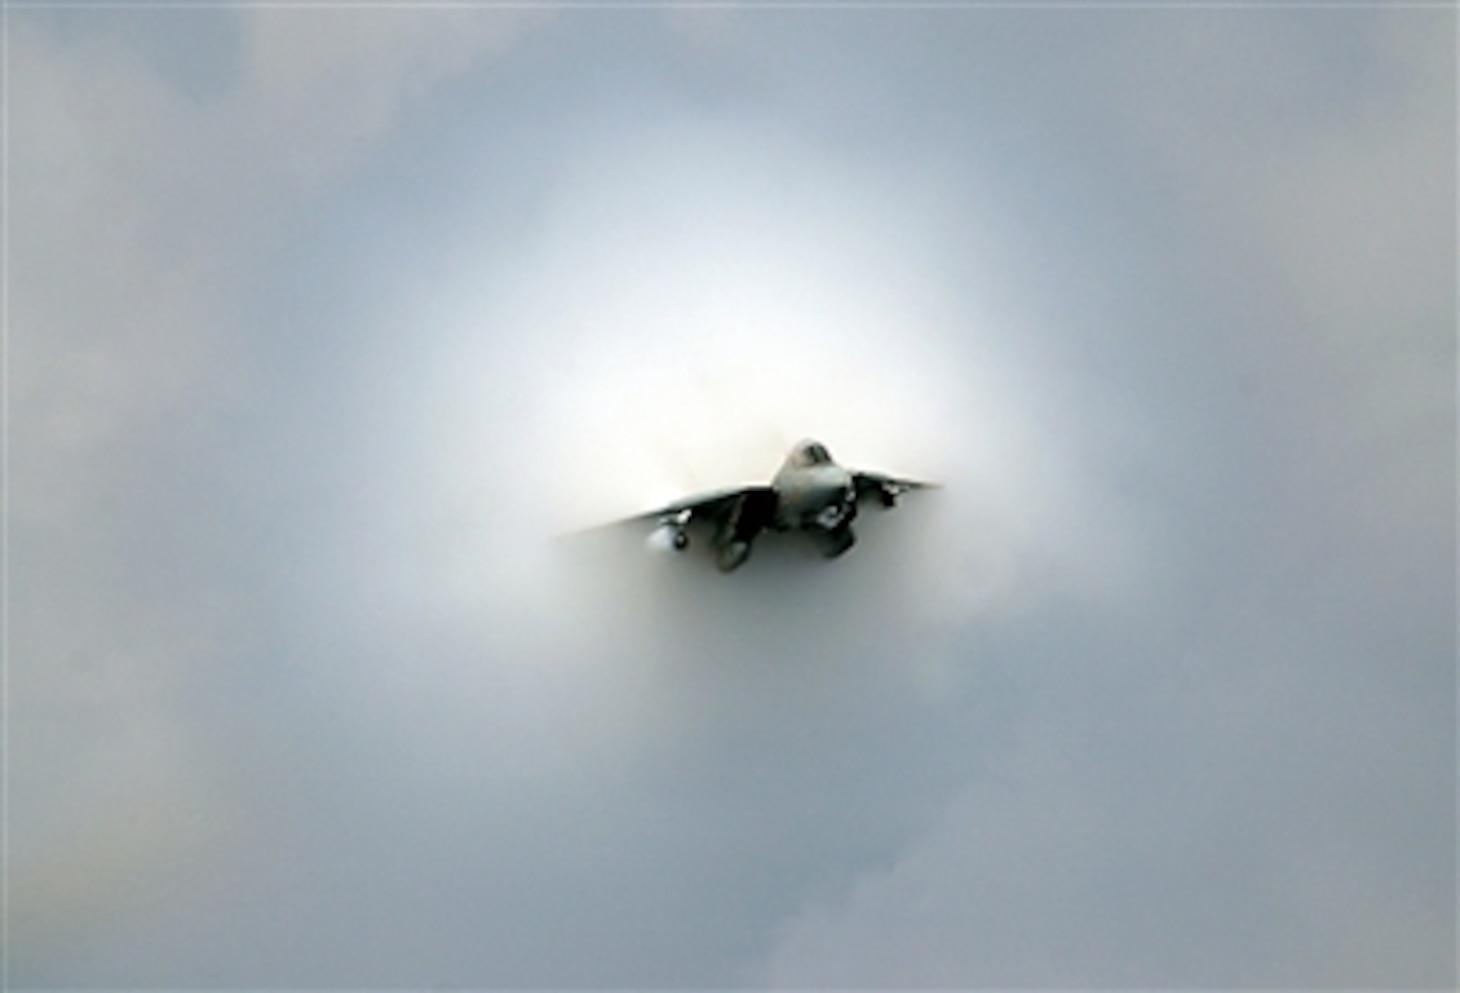 201218-N-ZV259-3560.jpg